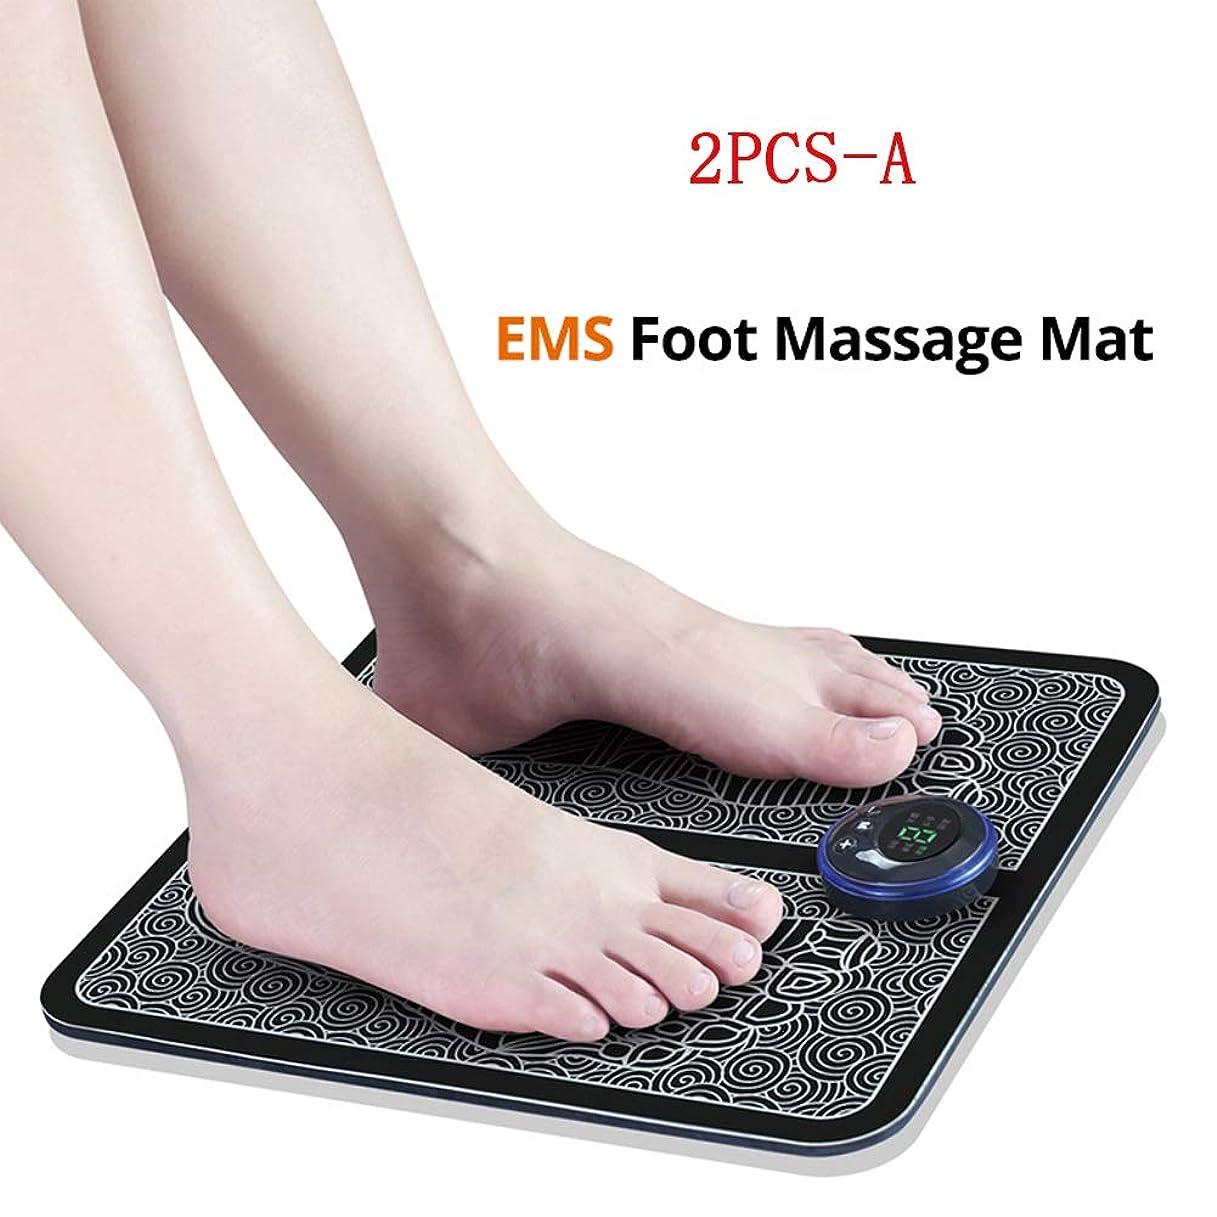 ハードリング封筒禁じるEMSスマートフットマッサージパッド、フットマッサージャー、足指圧療法、血液循環を促進し、男性と女性の疲労を軽減、2PCS,A